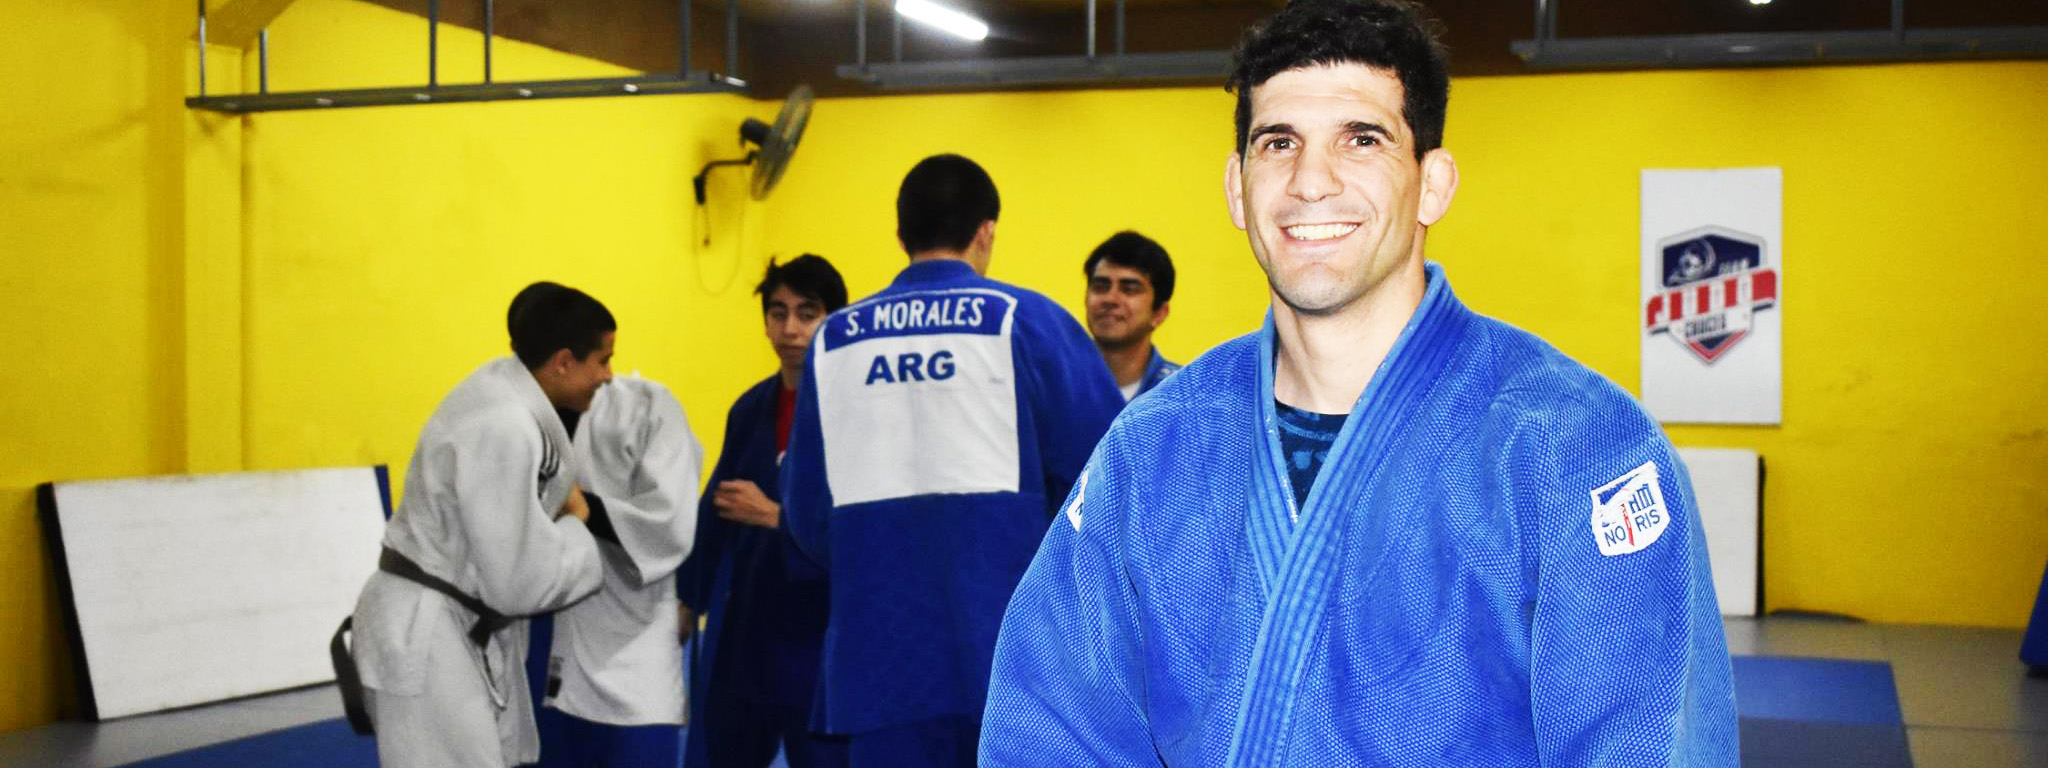 JUDO: ¿Argentina tiene un buen contexto para el desarrollo de un atleta olímpico?